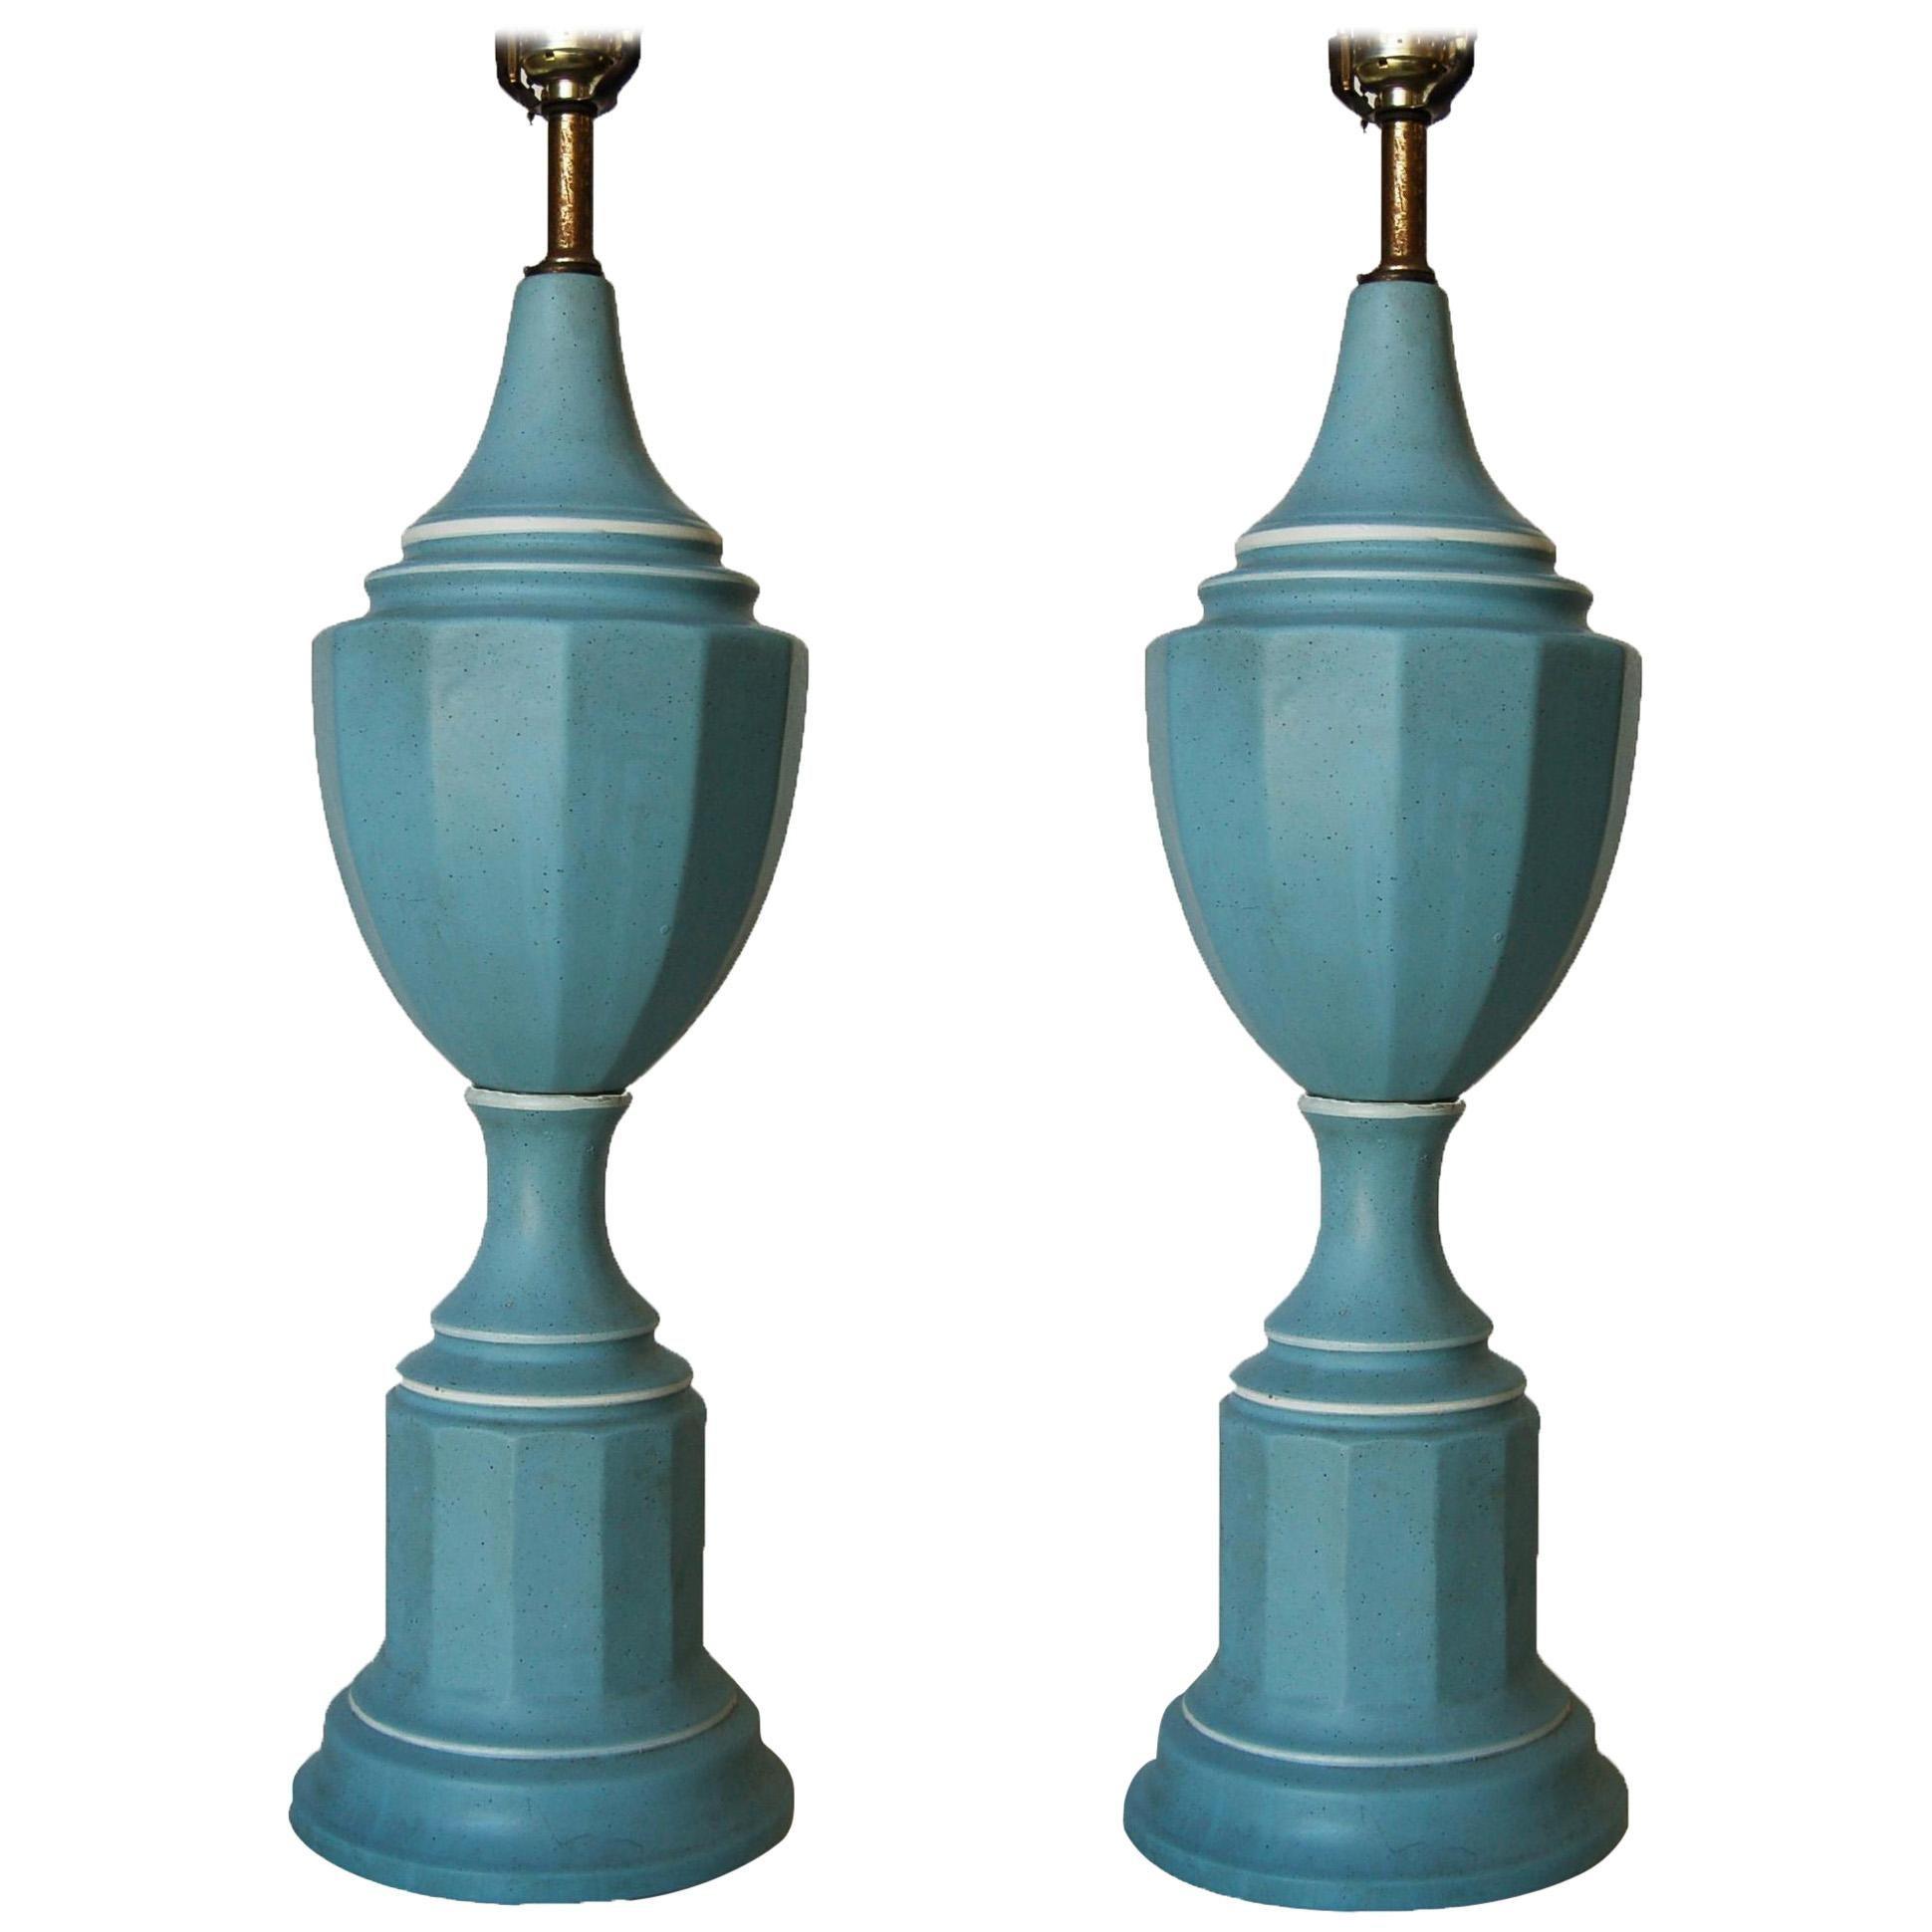 Pair of Midcentury Regency Blue Ceramic Table Lamps